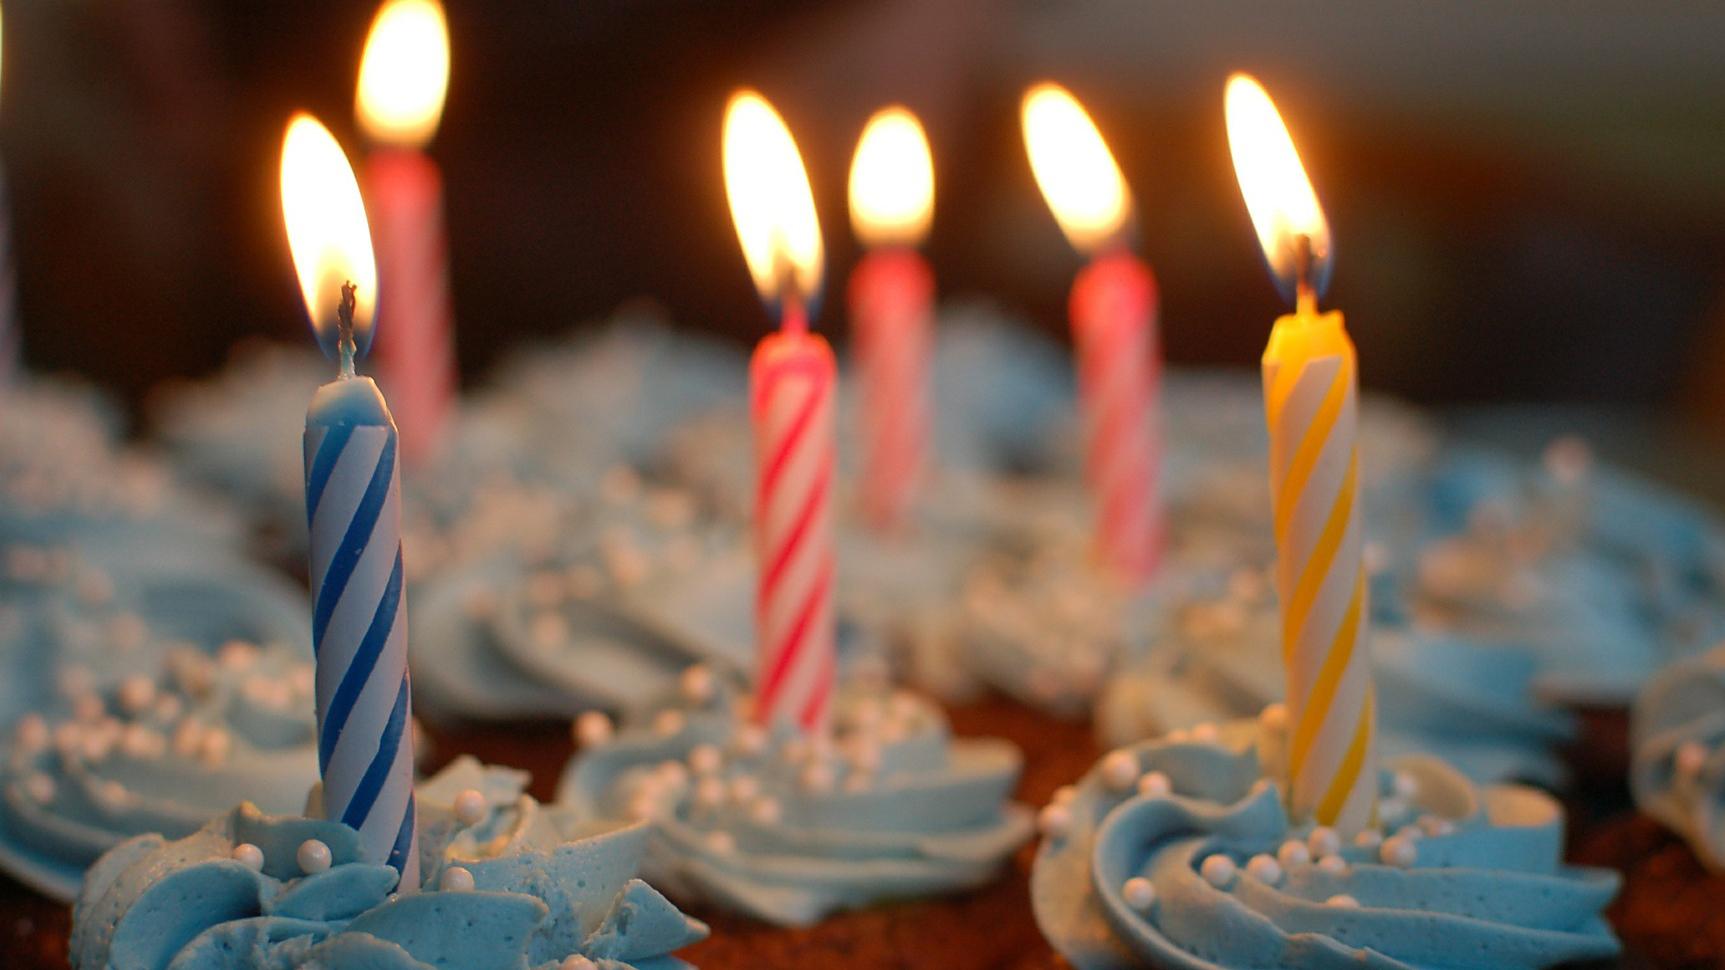 Das Bild zeigt einen Geburtstagskuchen